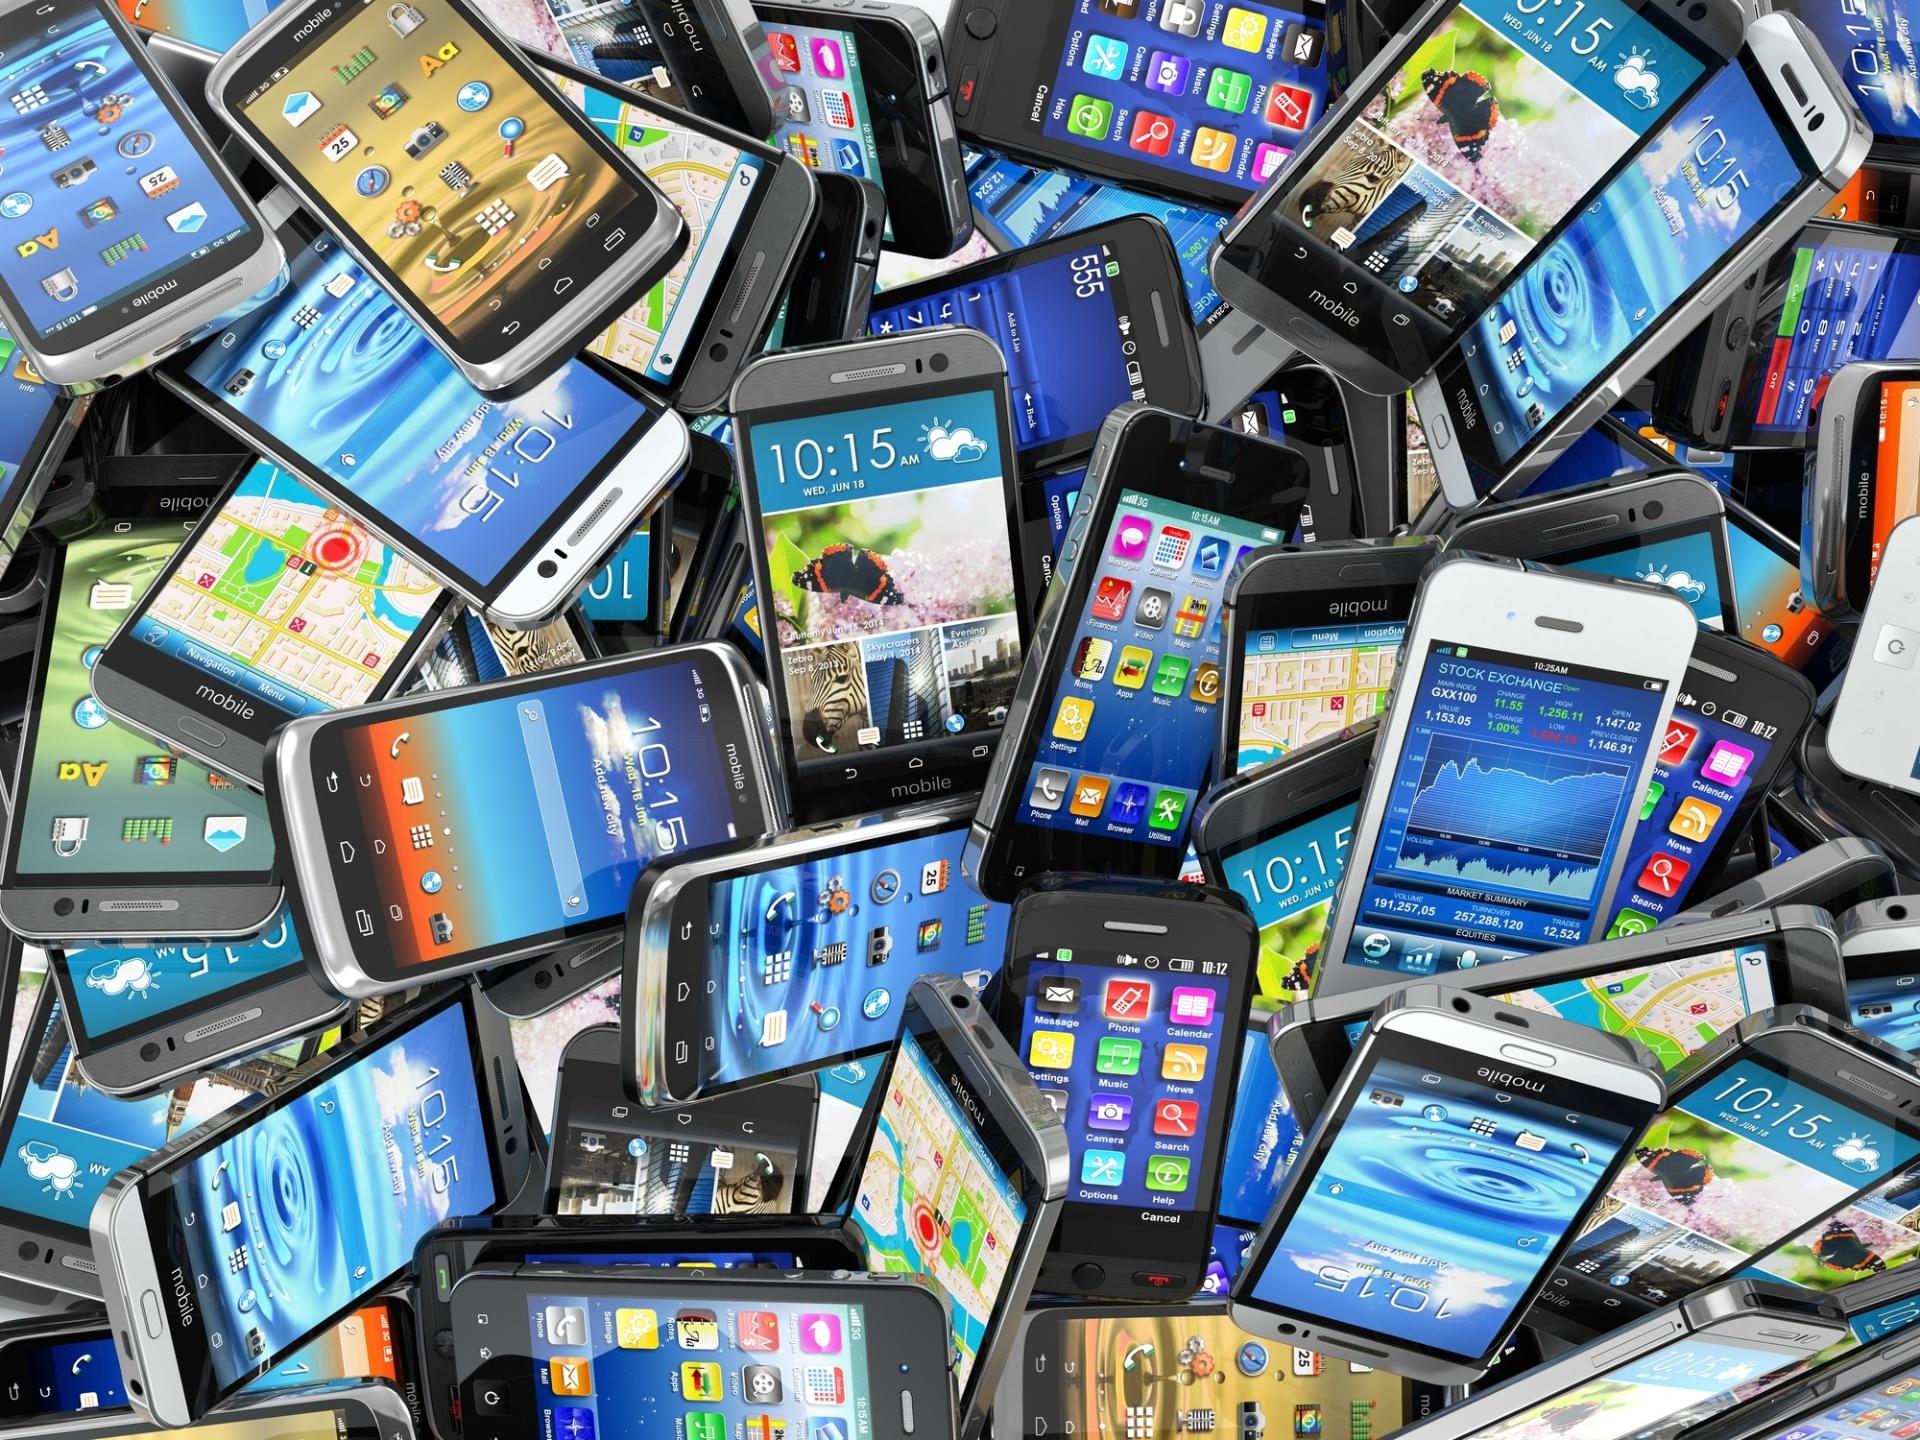 Não jogue fora: 12 utilidades para aquele seu celular velho e parado - 30/06/2017 - UOL TILT